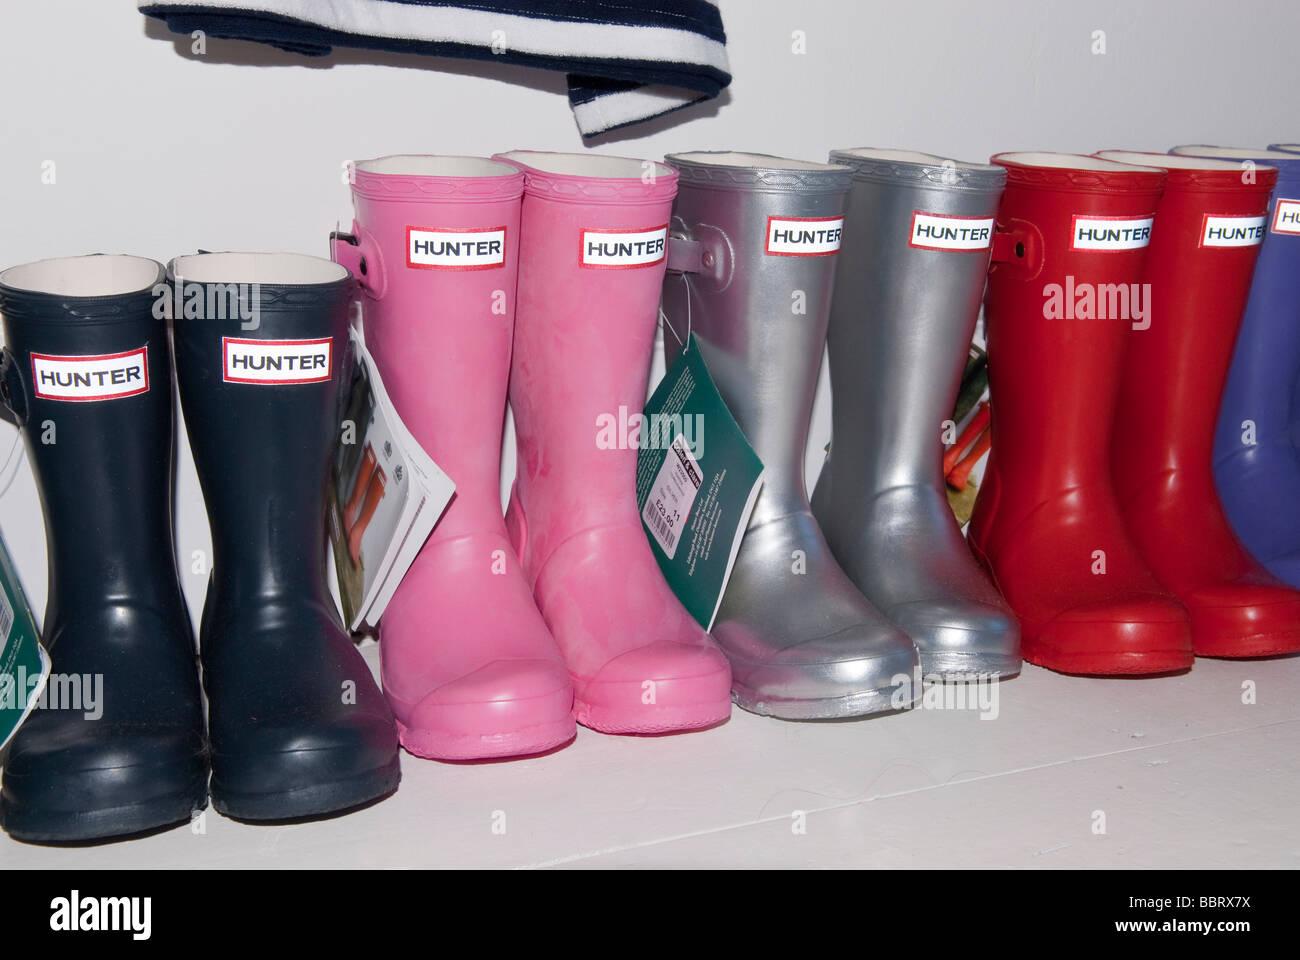 Bilder Boots Hunter Boots Boots Alamy Bilder Stockfotosamp; Stockfotosamp; Hunter Alamy Hunter j35RA4L